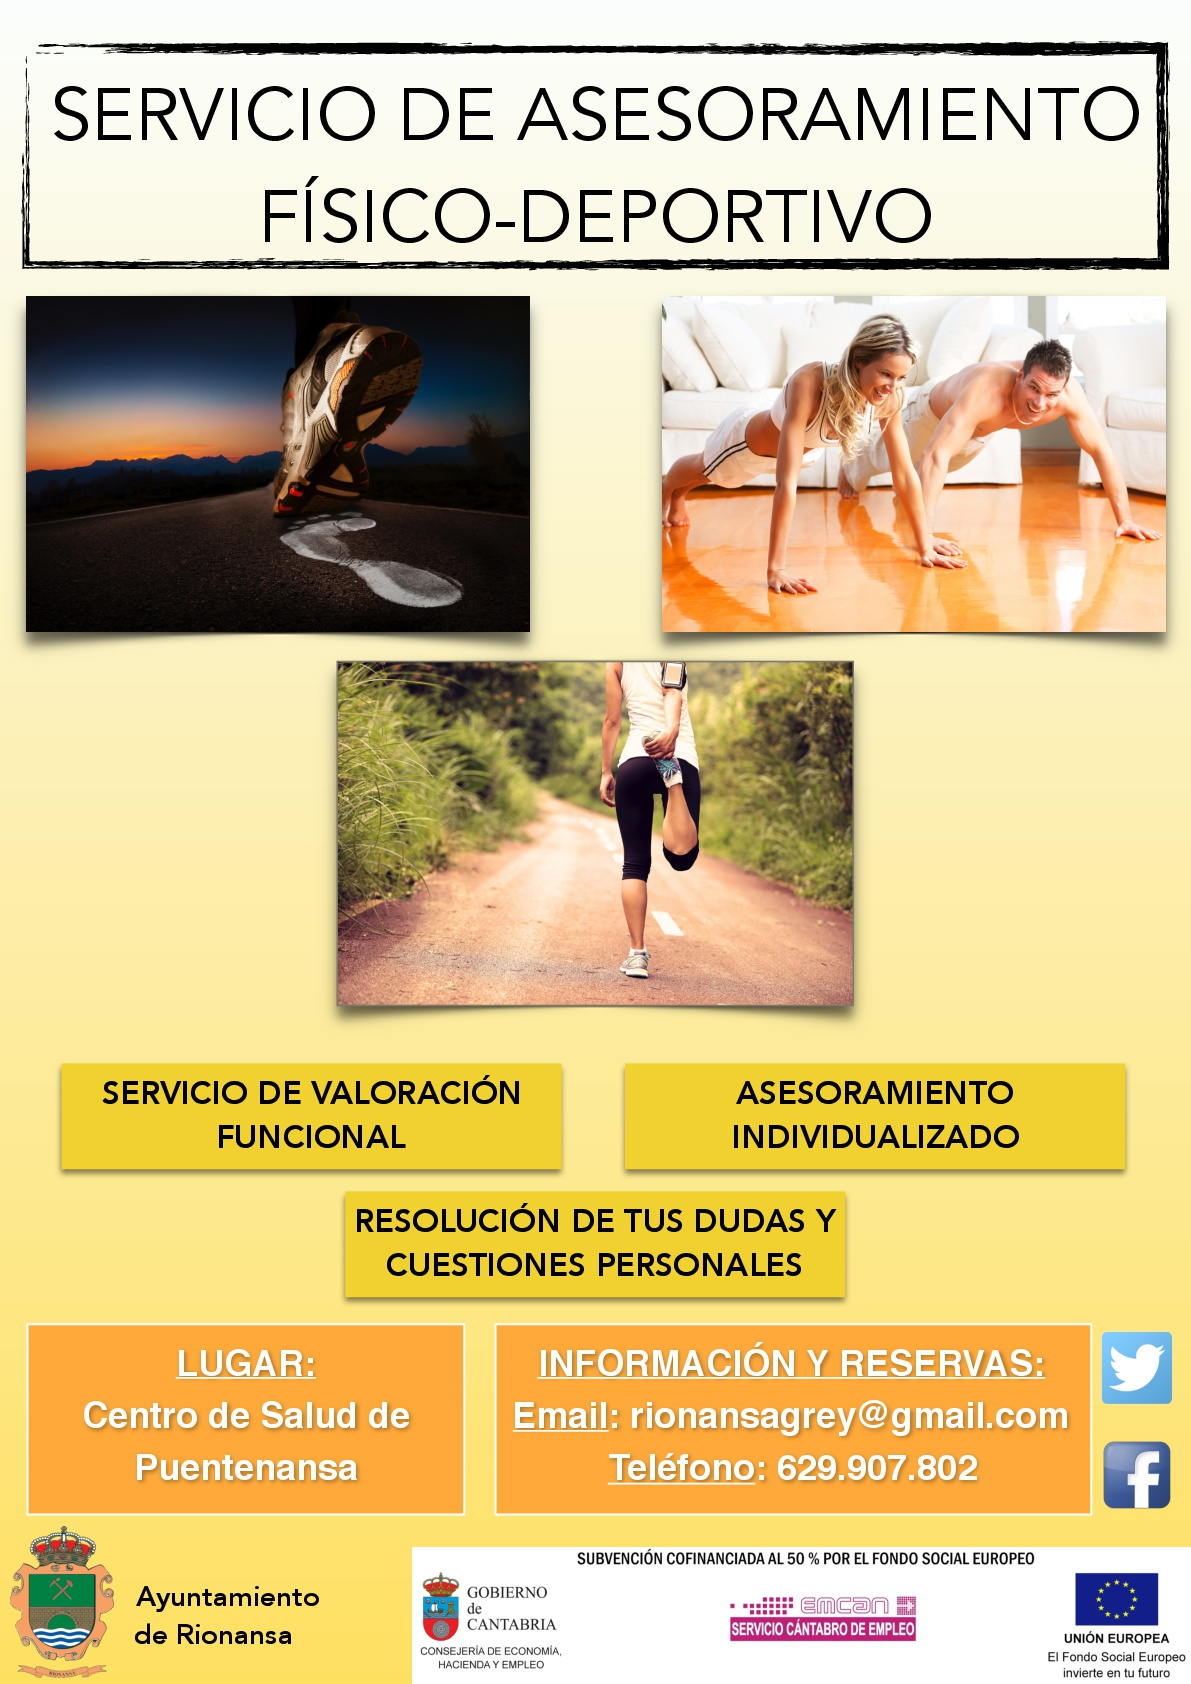 Servicios de Asesoramiento Físico-Deportivo